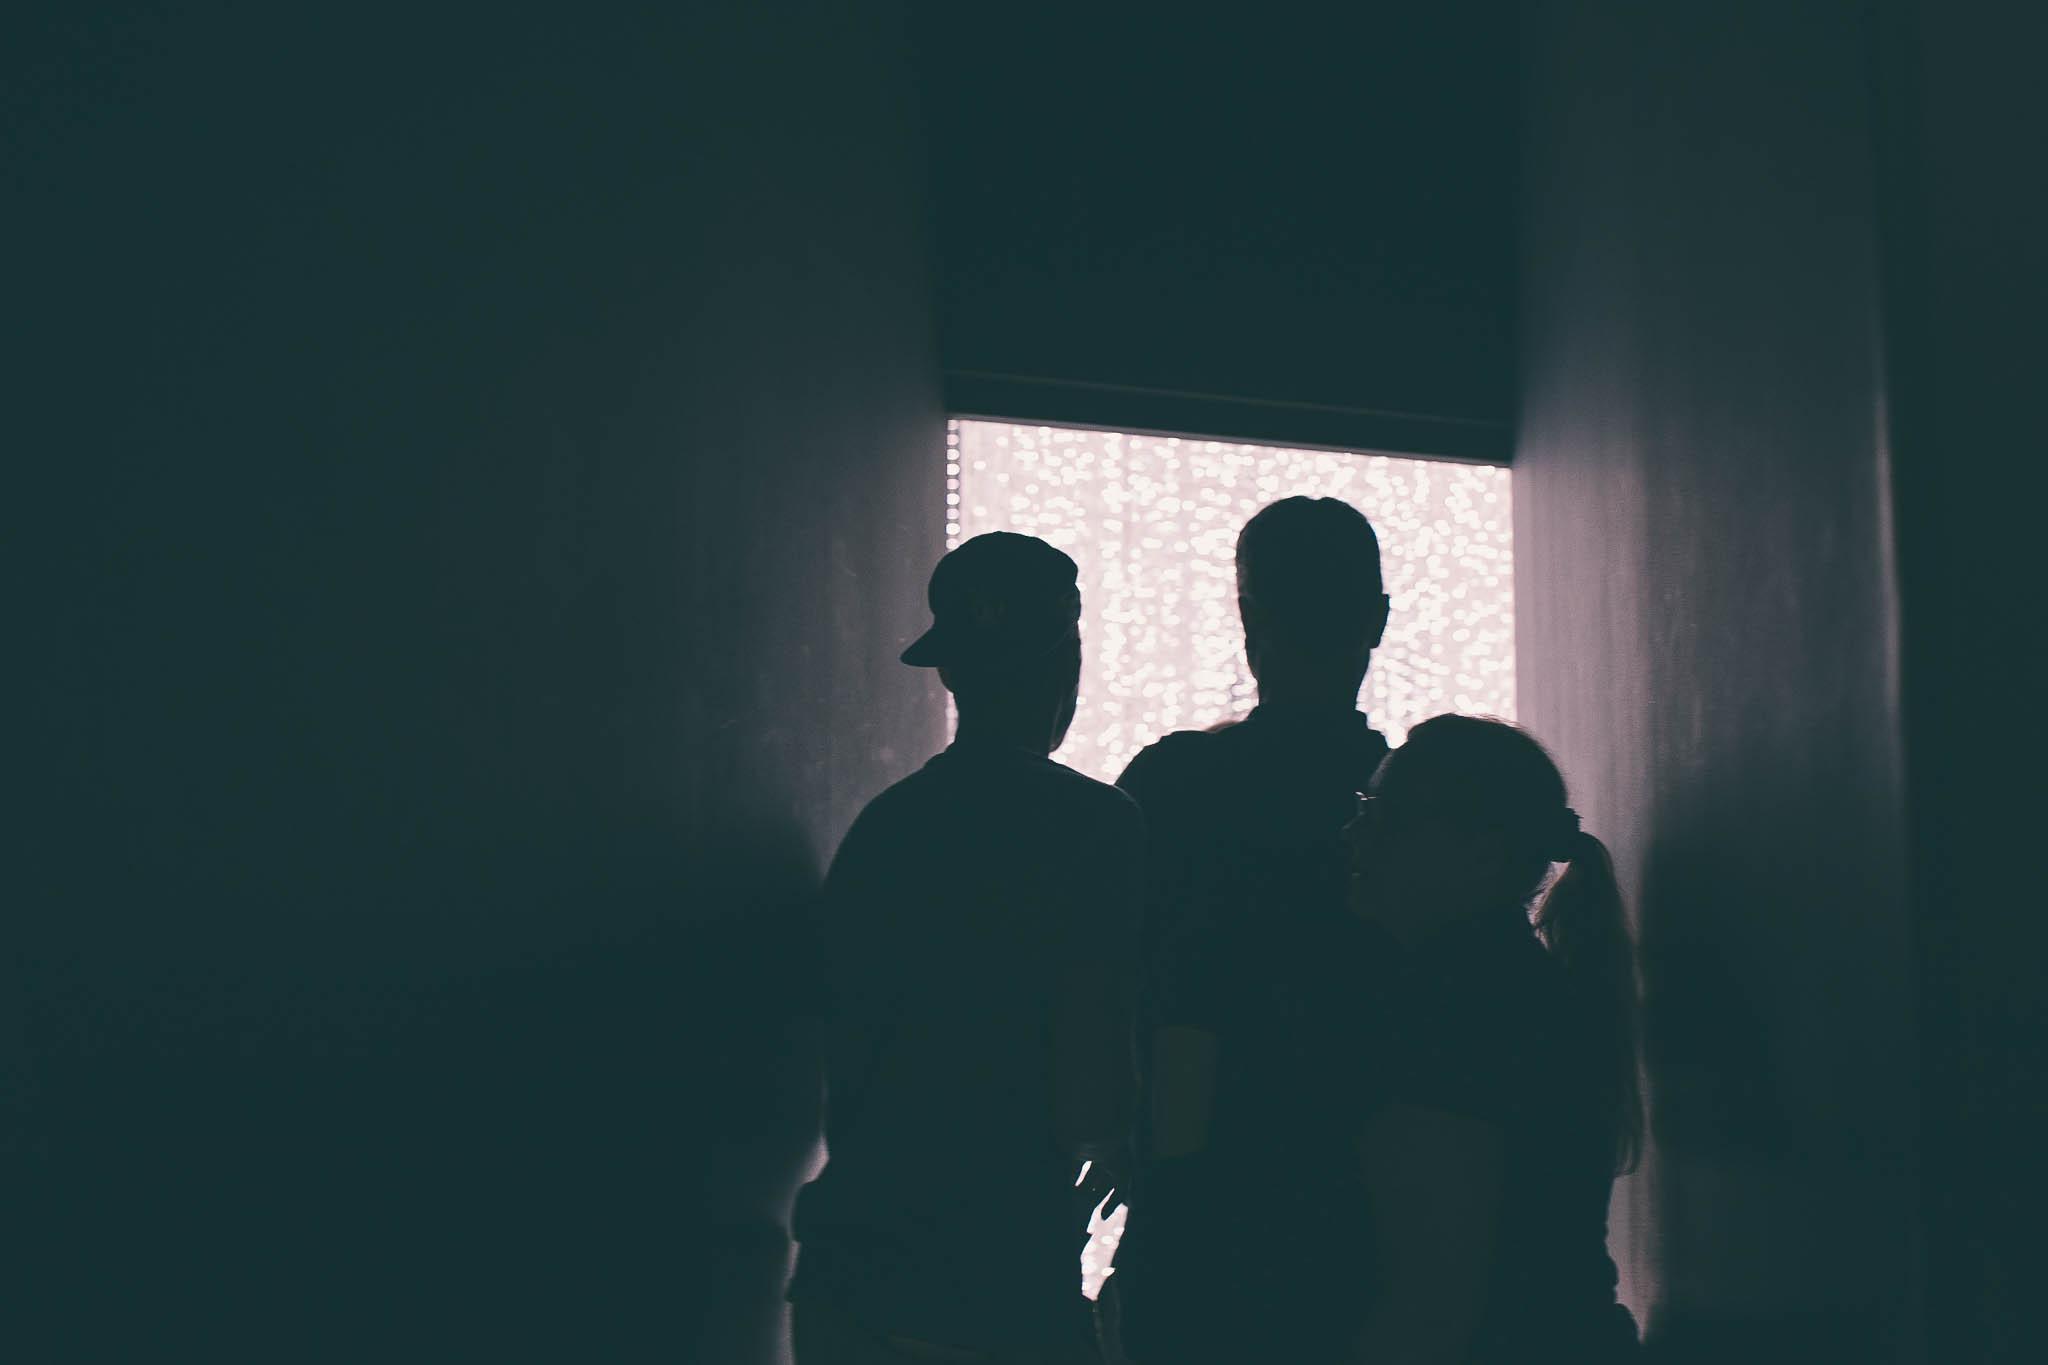 Choosen-49.jpg